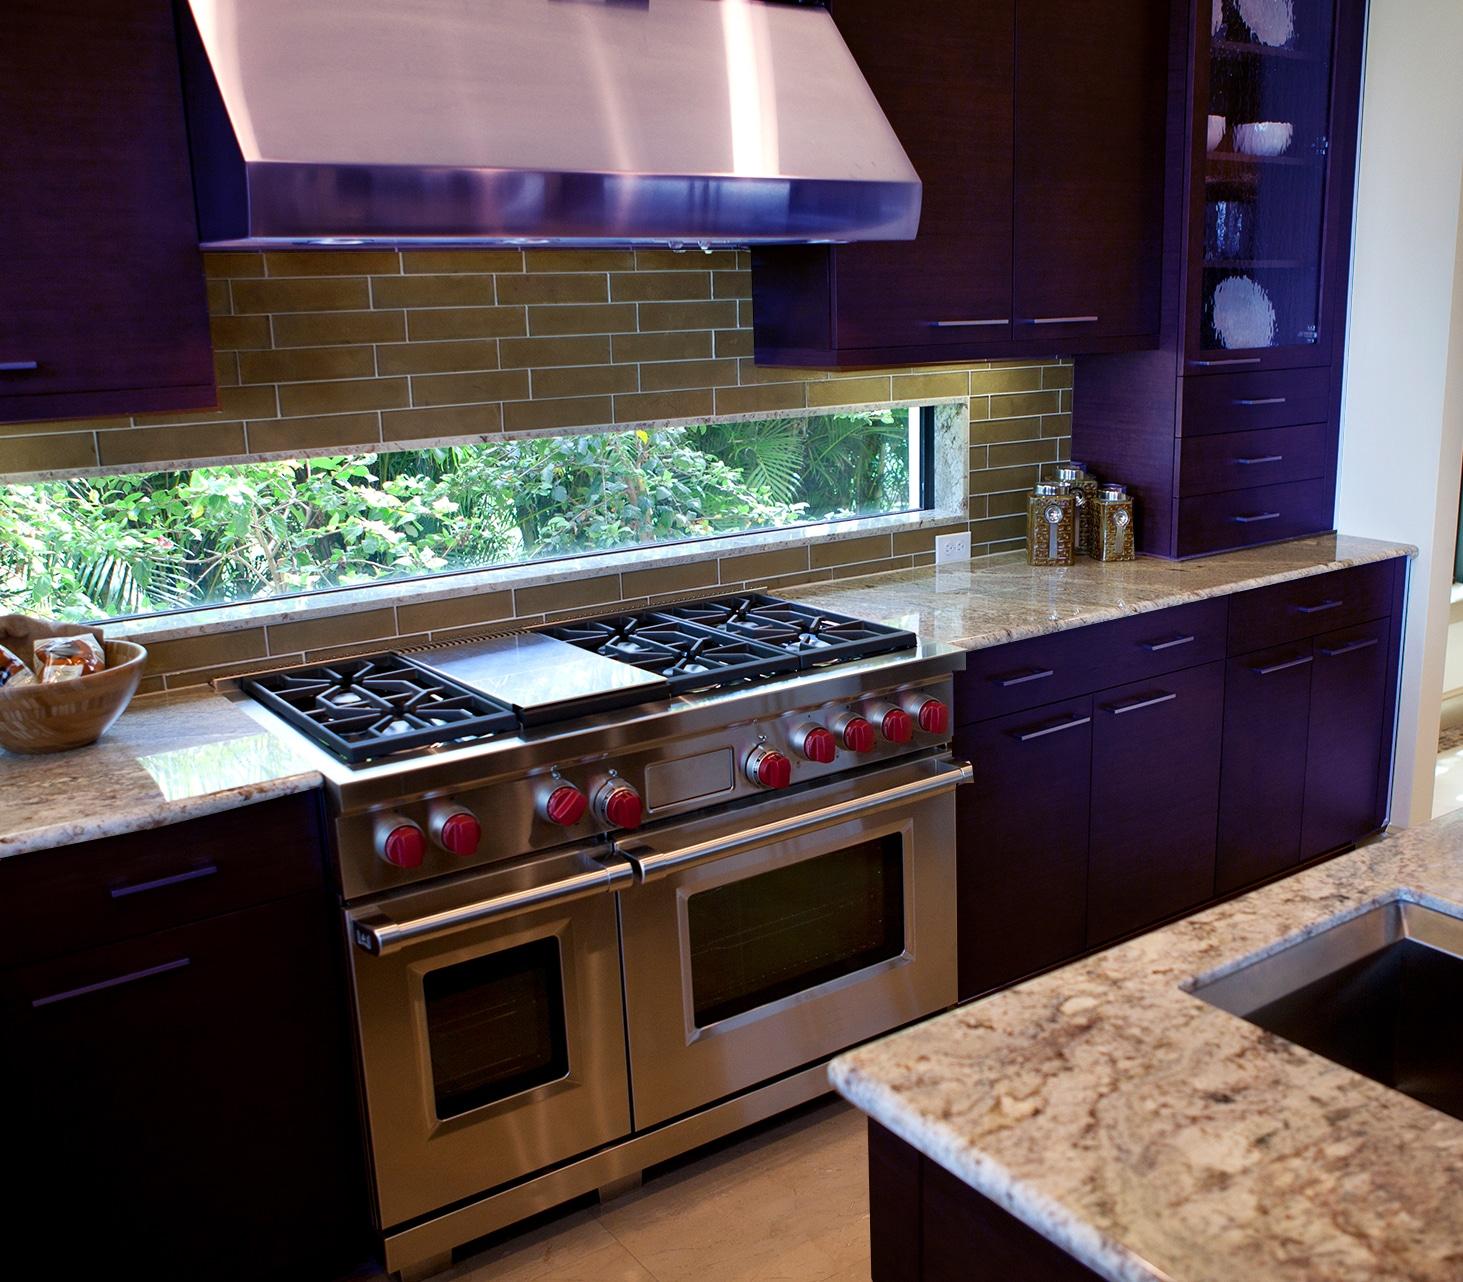 מטבחים מעץ חברות לעיצוב וייצור מטבחים קלאסיים שמומחים בתחומם עם הרבה ניסיון שיודעים לספק פתרונות מגוונים לכל בית תוך כדי אפיון דרישות הלקוח ומסירת המטבח